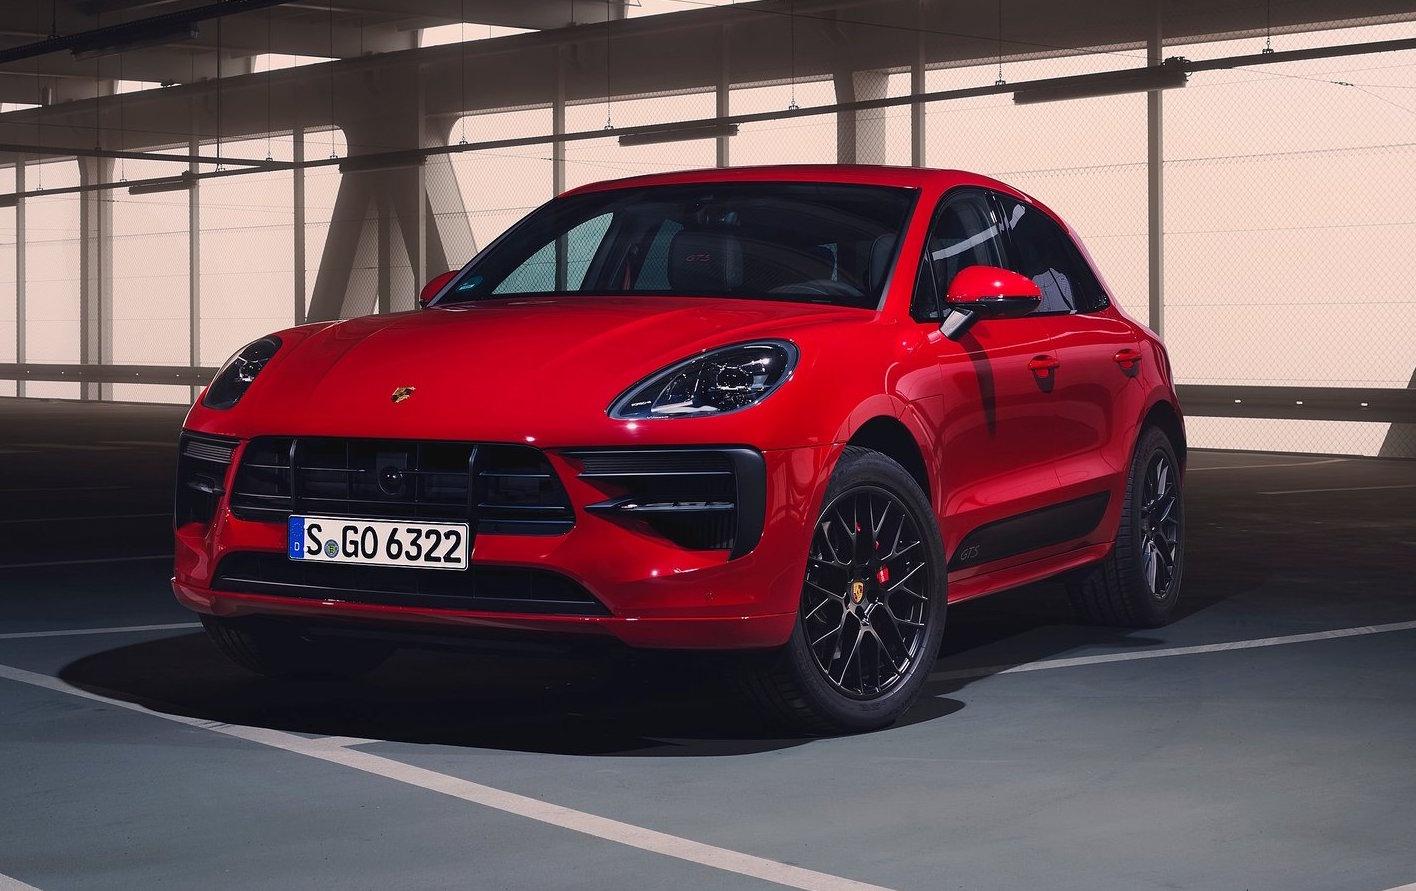 2020 Porsche Macan Turbo Changes, Upgrades - 2020 / 2021 ...  |2020 Porsche Macan Suv